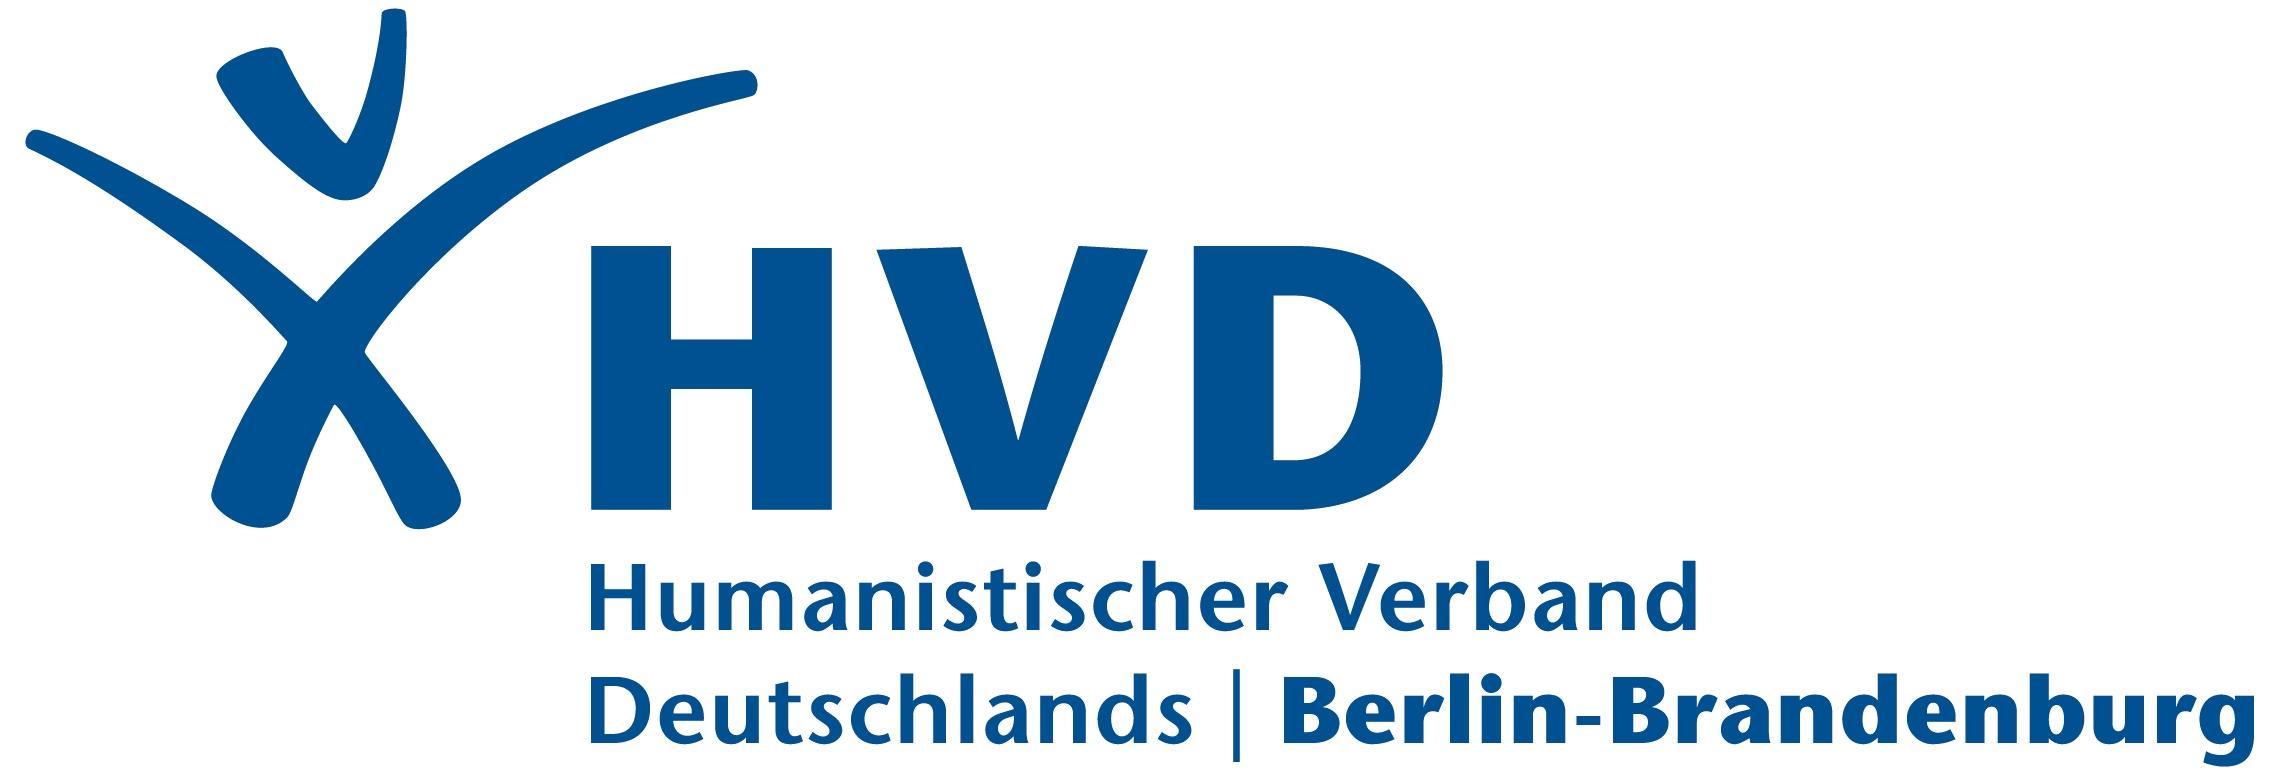 Humanistischer Verband Potsdam